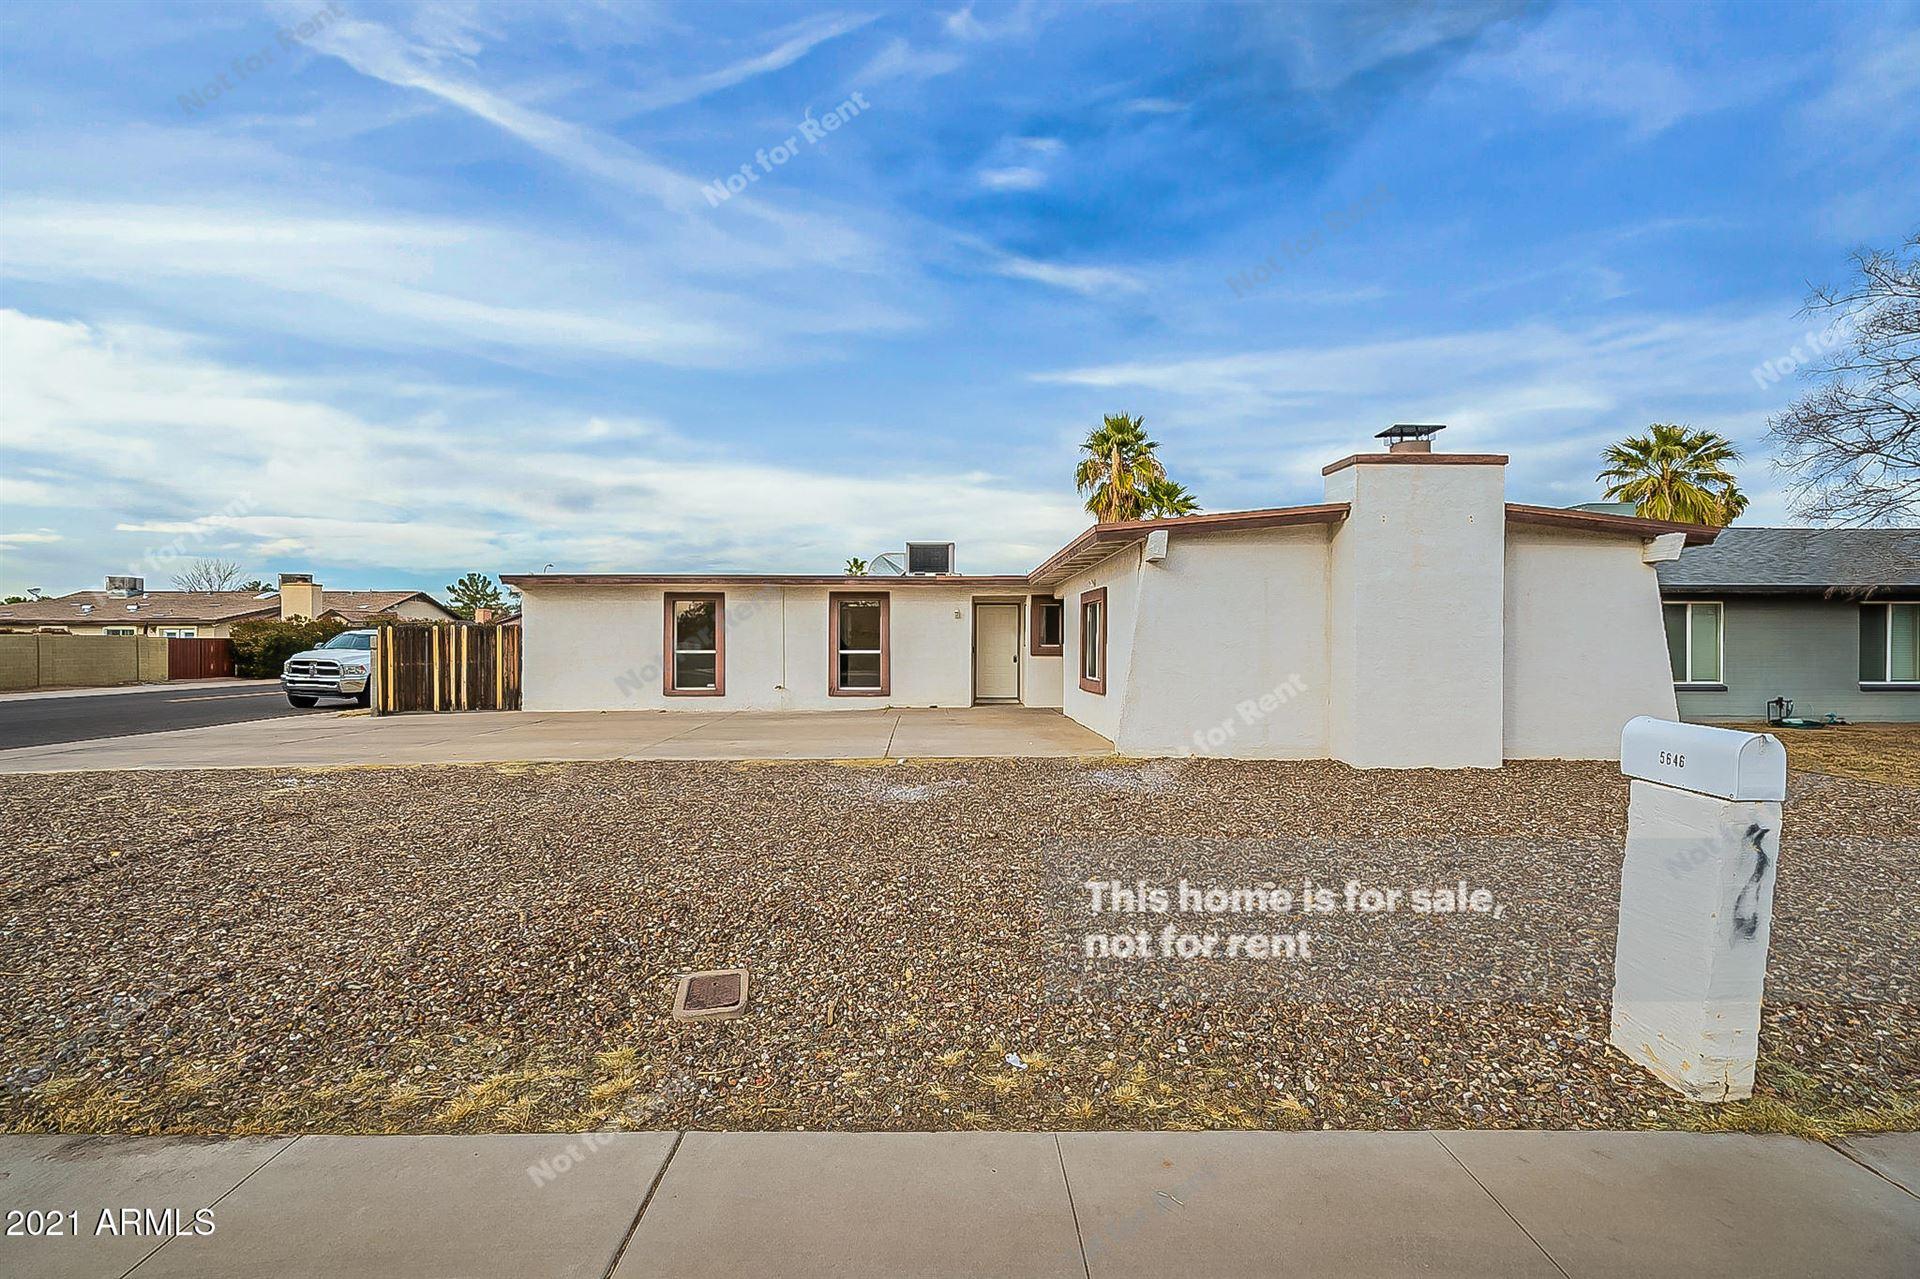 5646 W PALO VERDE Avenue, Glendale, AZ 85302 - MLS#: 6178845